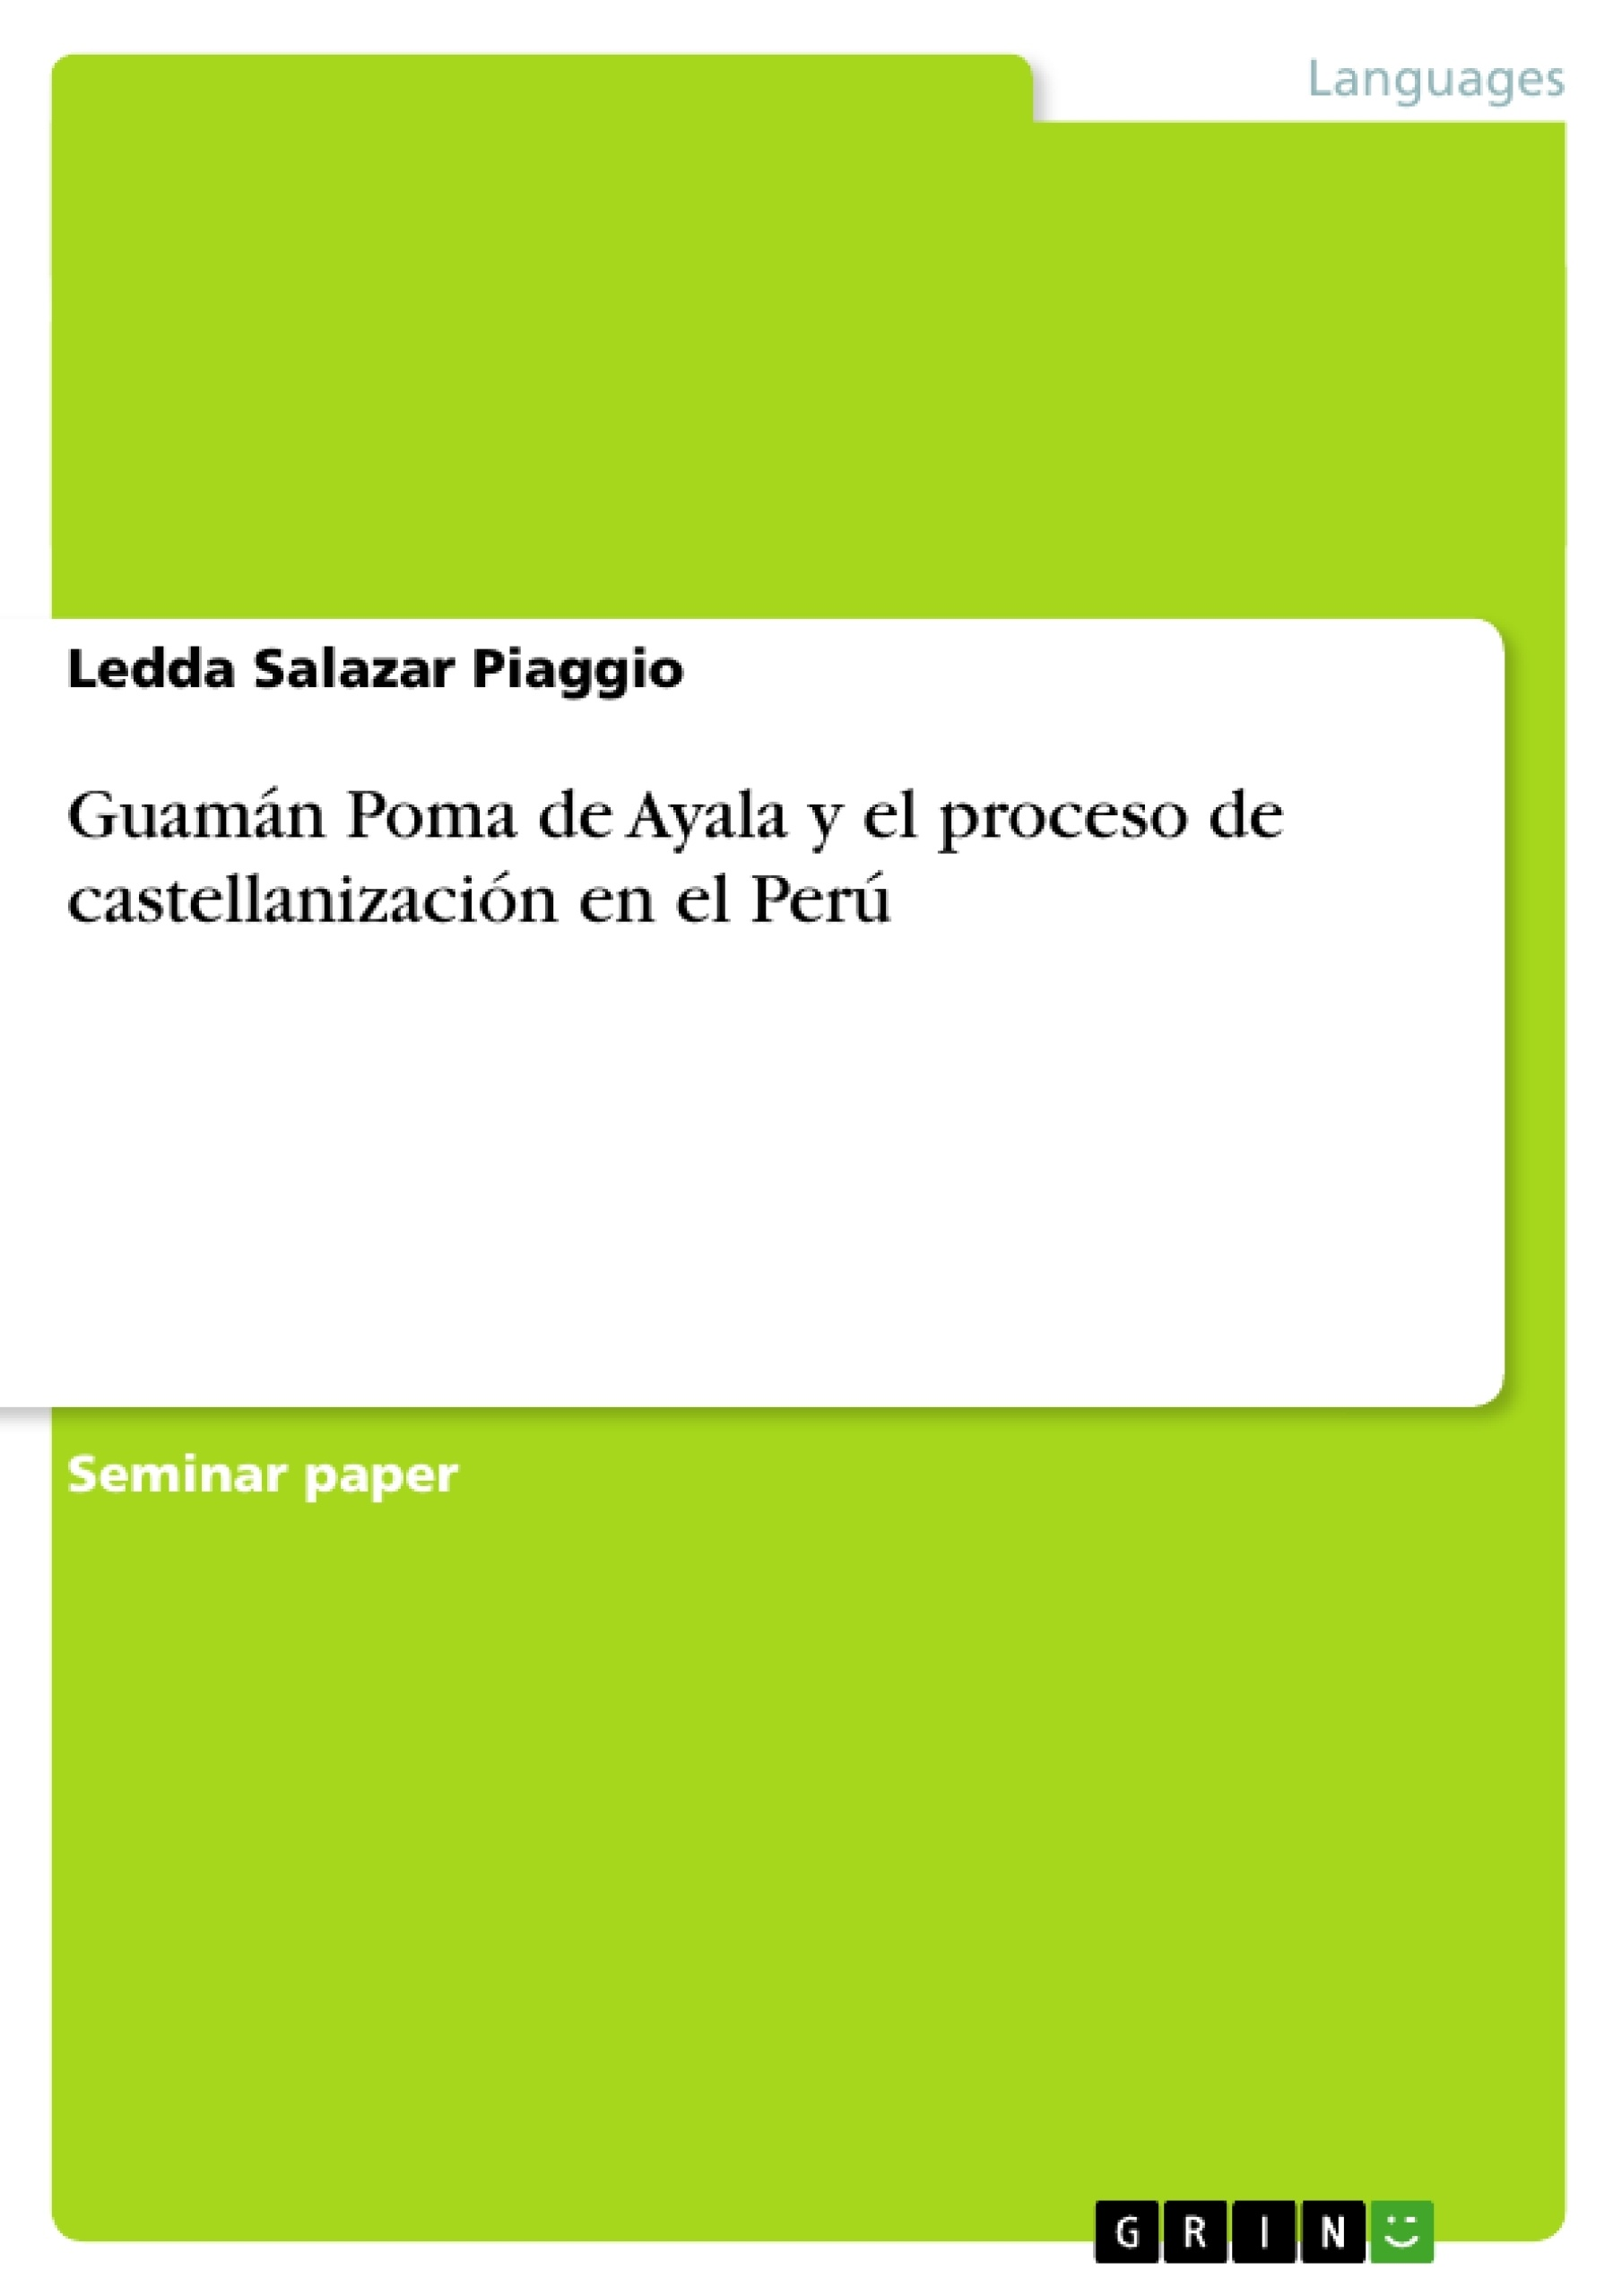 Título: Guamán Poma de Ayala y el proceso de castellanización en el Perú